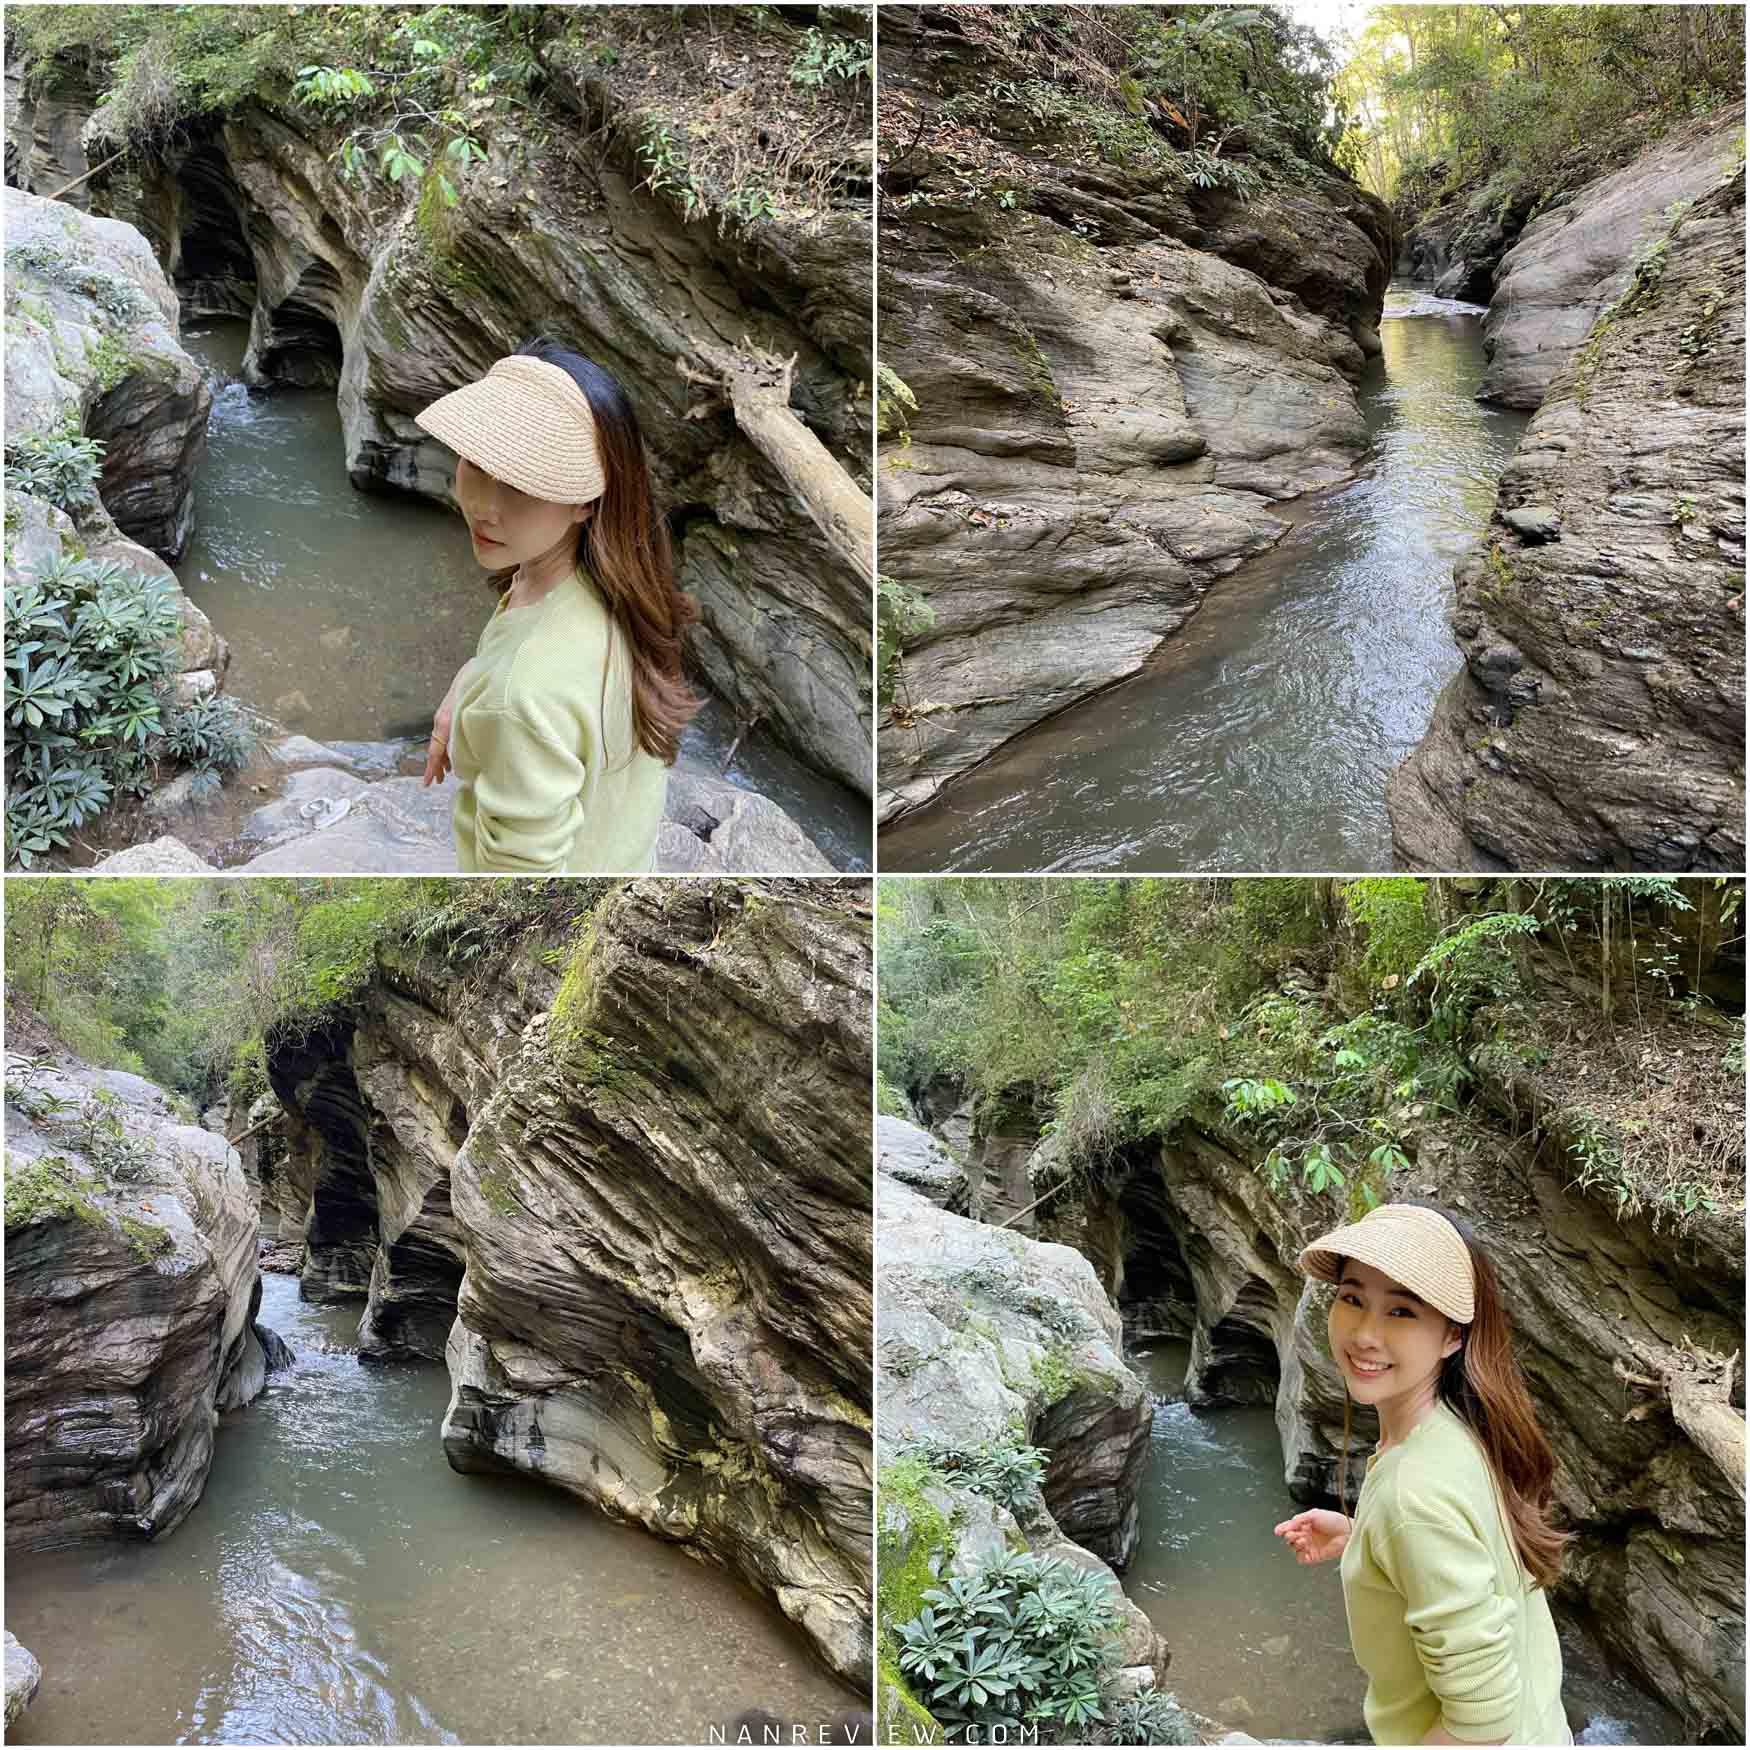 วังศิลาแลง วิวสวย เดินเข้าไปไม่ลึก ทางเข้าซ้ายมือมีป่าไผ่ถ่ายภาพมุมสวยๆได้ น้ำเย็นสบายน่าเล่นมวากก